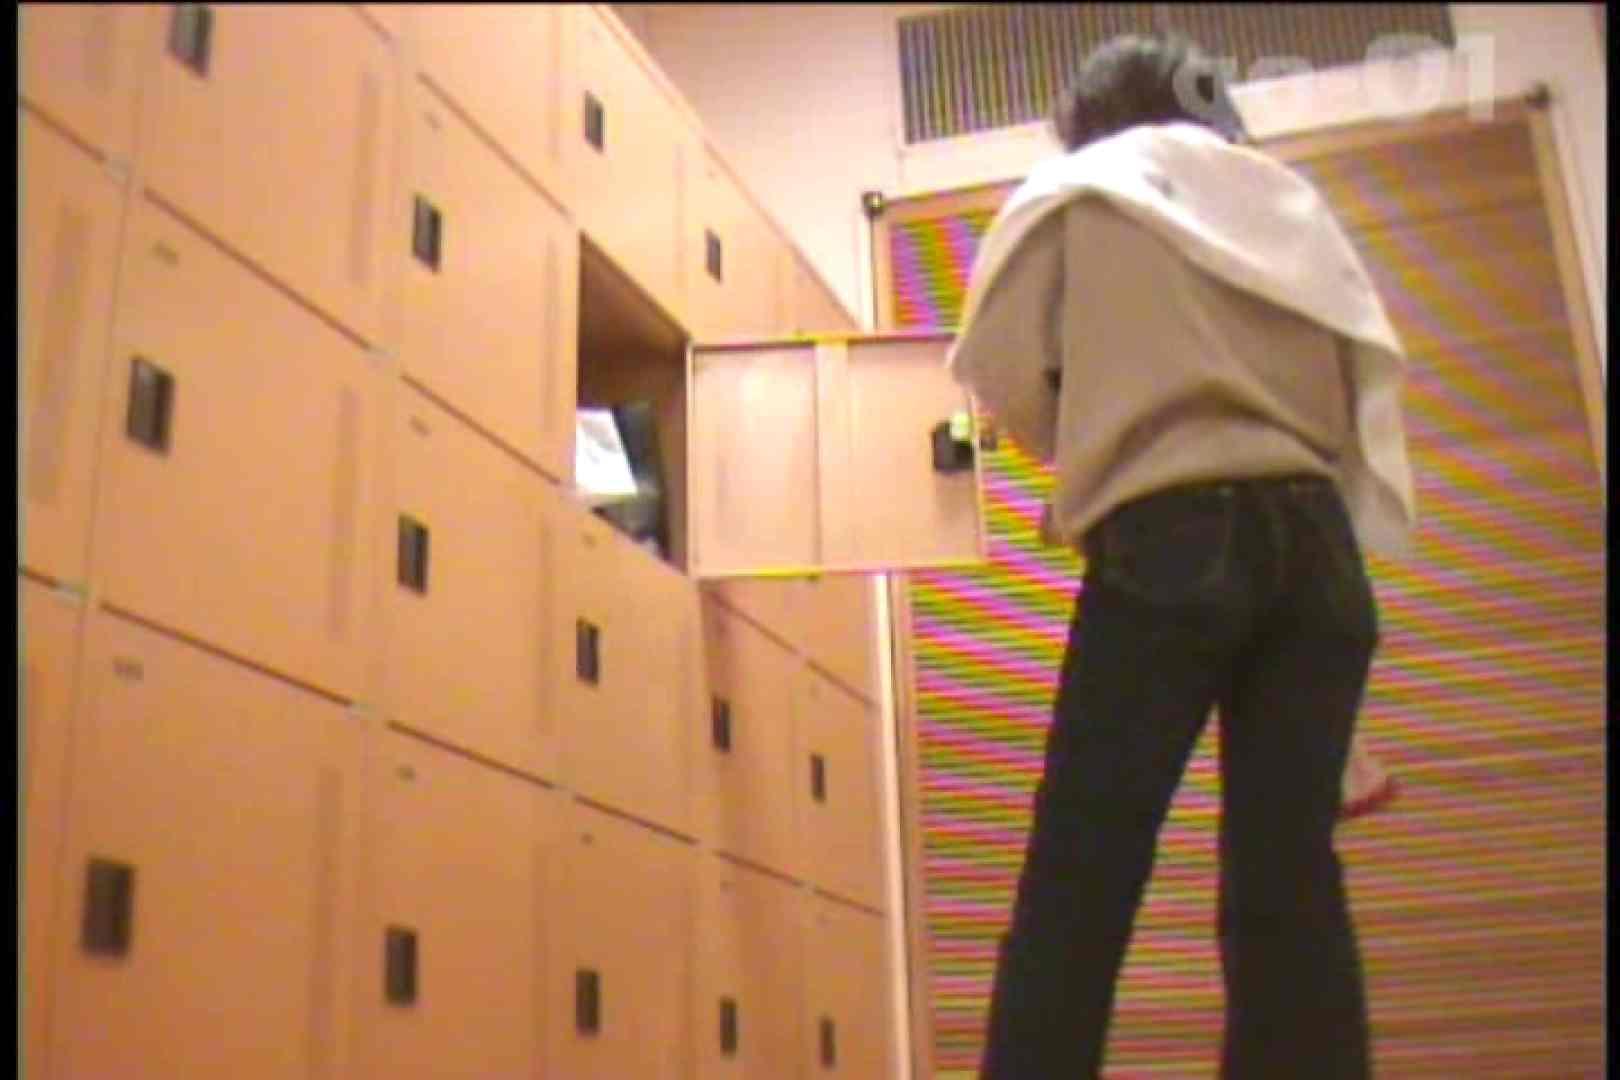 電波カメラ設置浴場からの防HAN映像 Vol.01 OLの実態 隠し撮りおまんこ動画流出 85pic 5